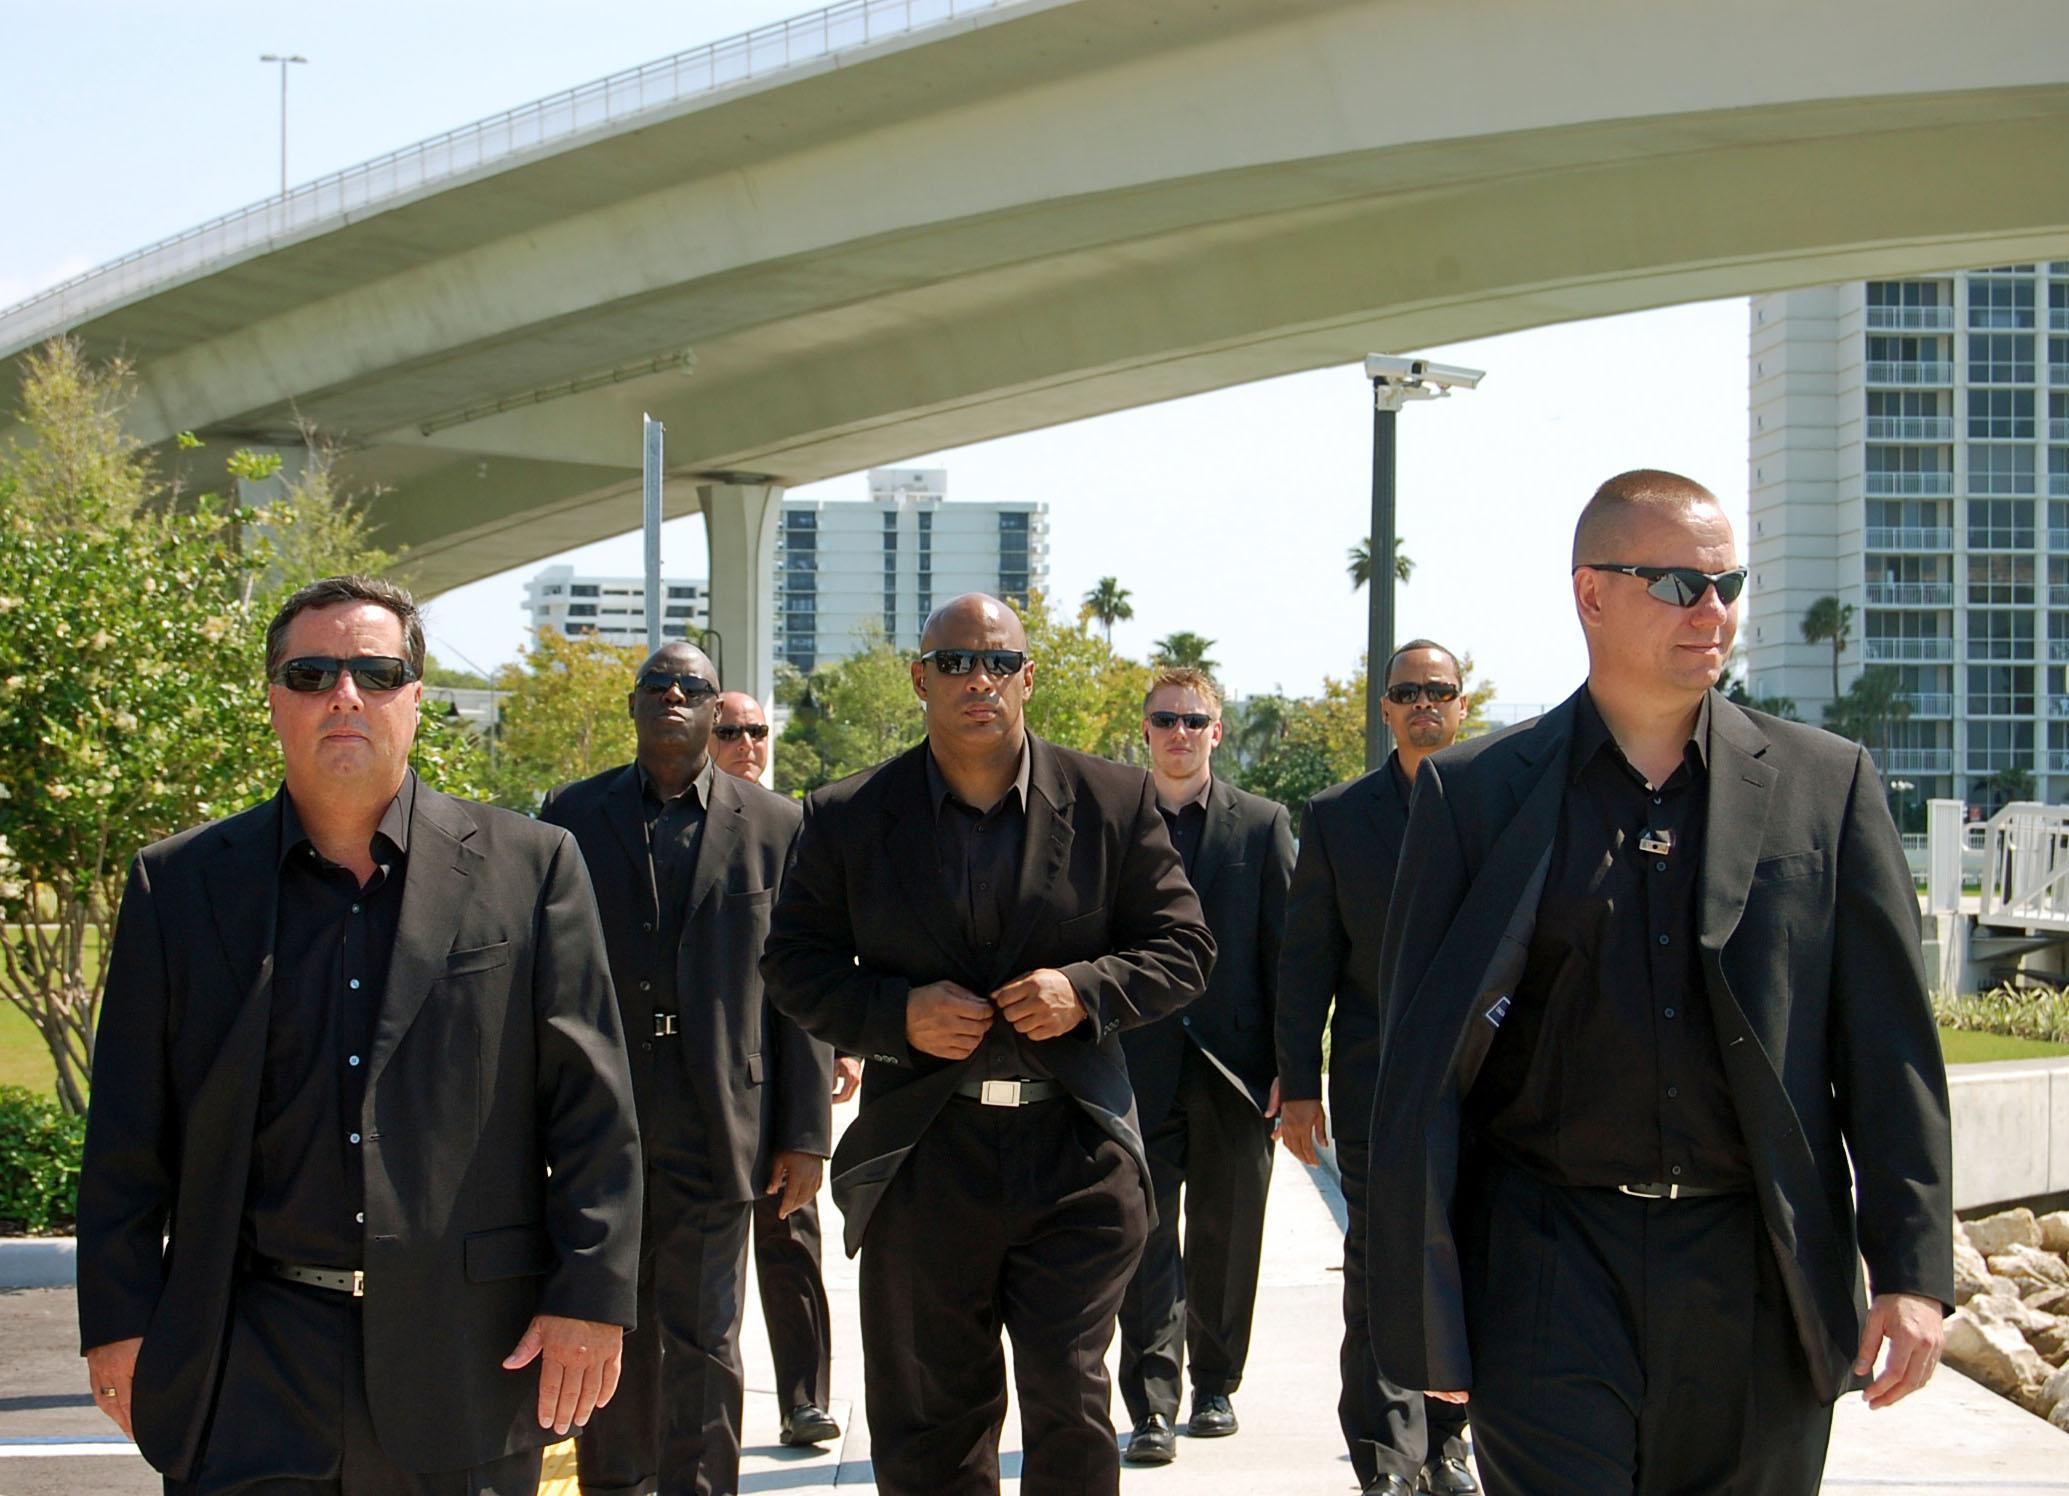 نتيجة بحث الصور عن bodyguard